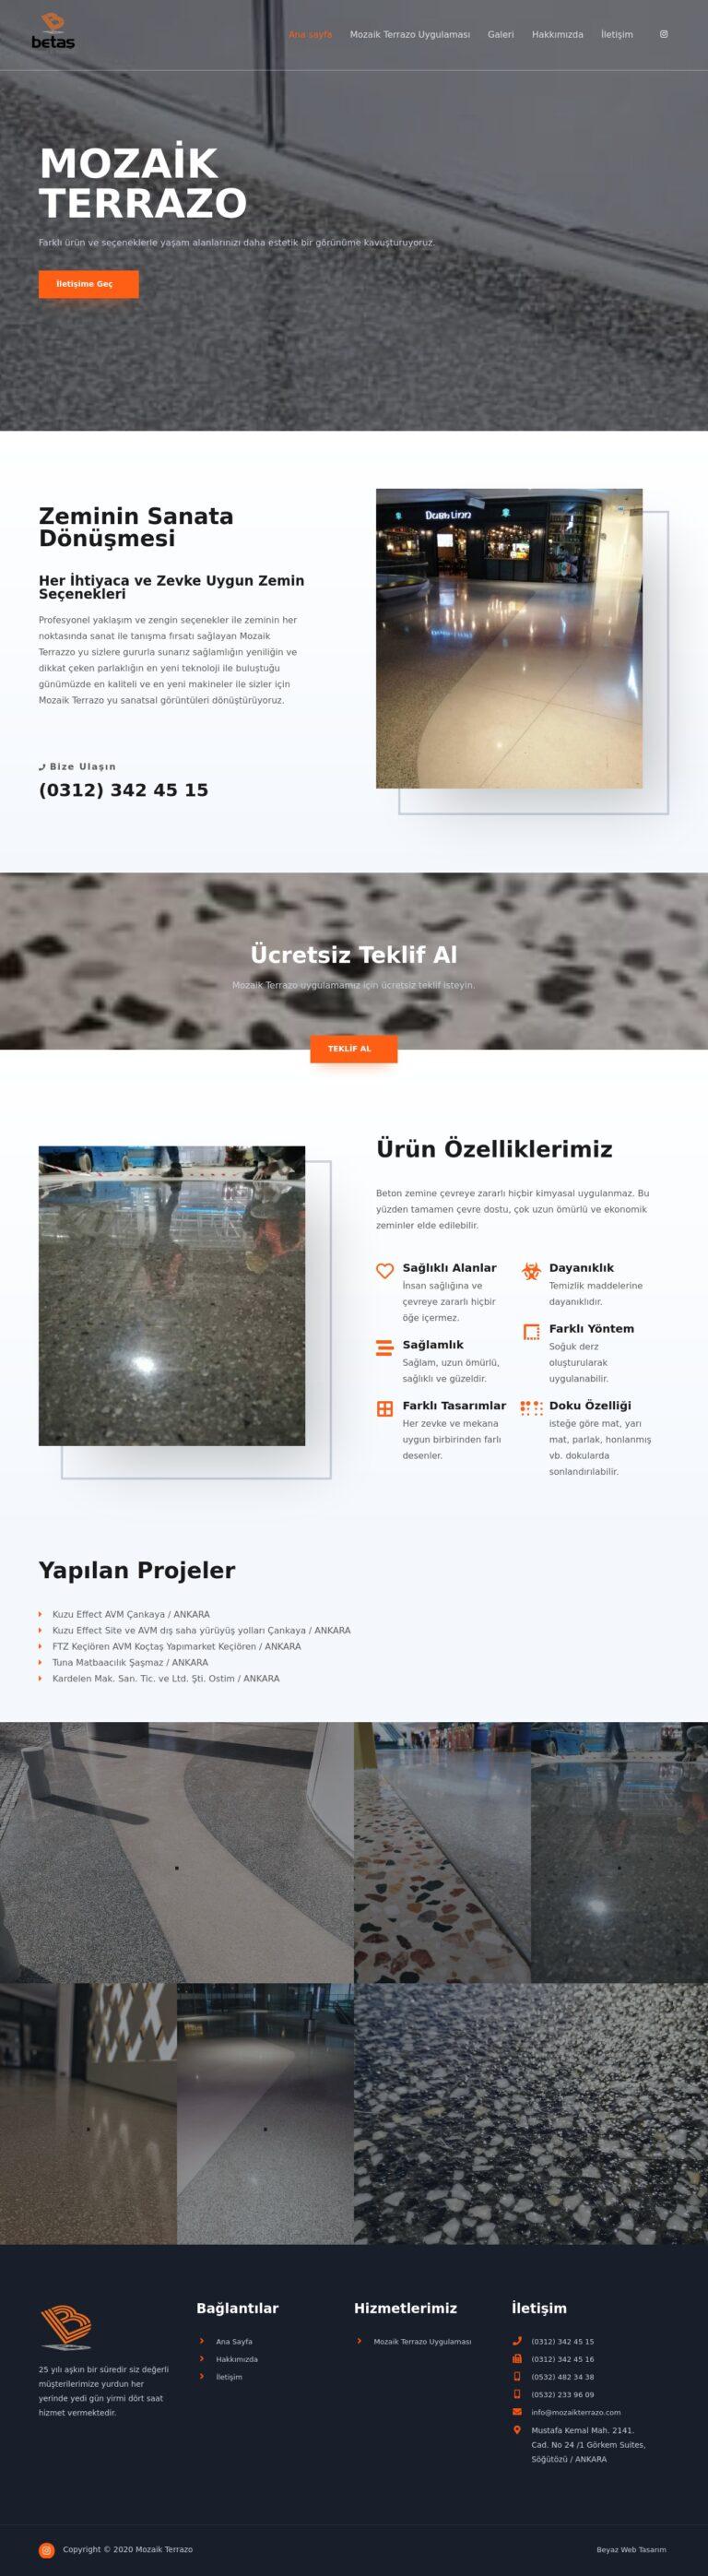 mozaik web sitesi tasarımı